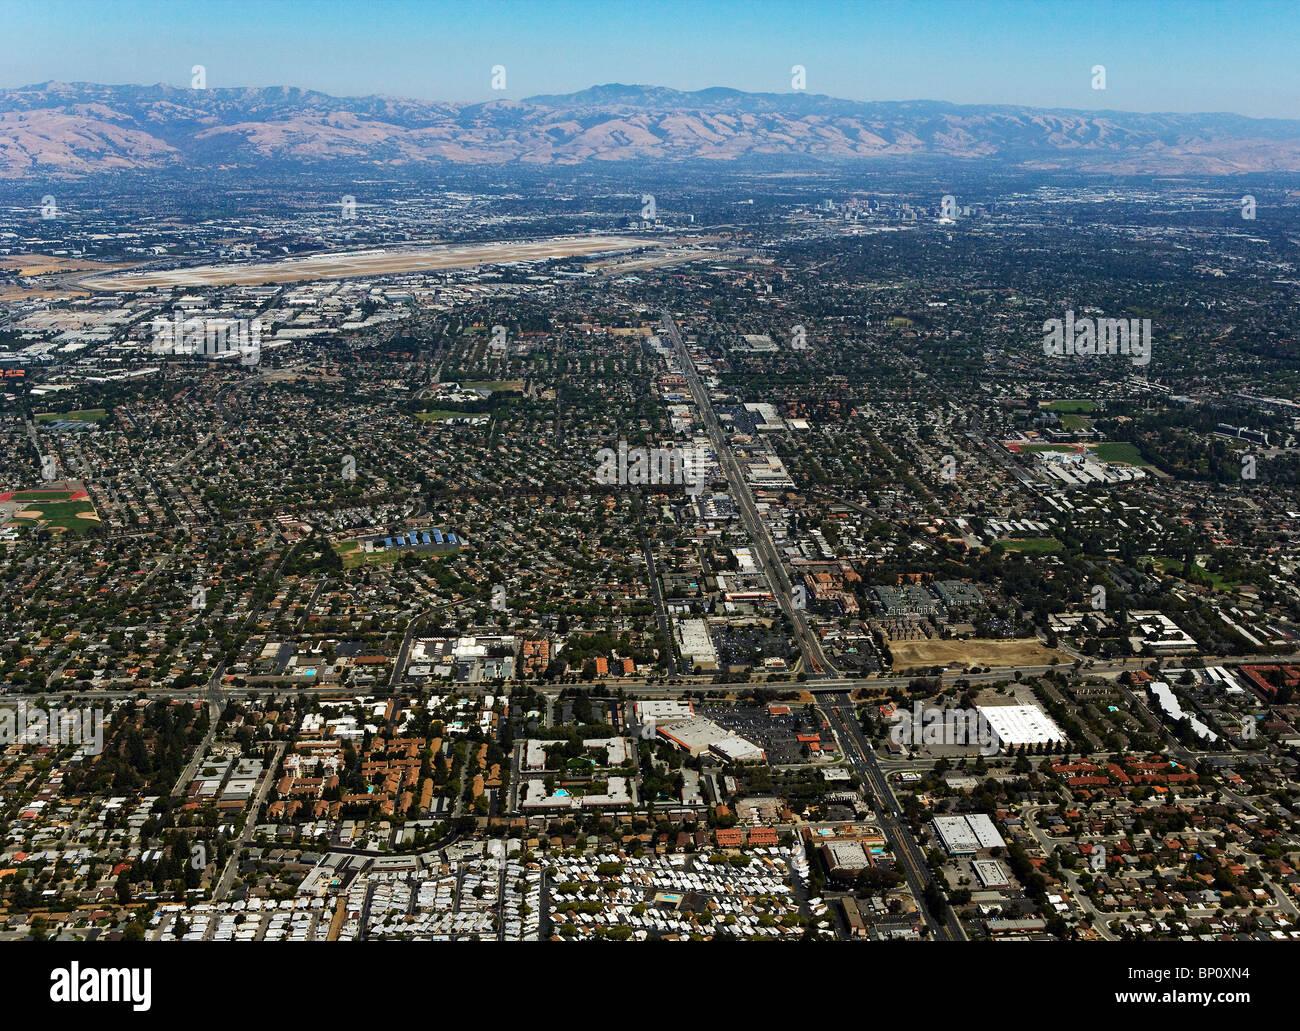 Vista aérea por encima de Silicon Valley hacia el aeropuerto de San José y el centro de San Jose. Imagen De Stock